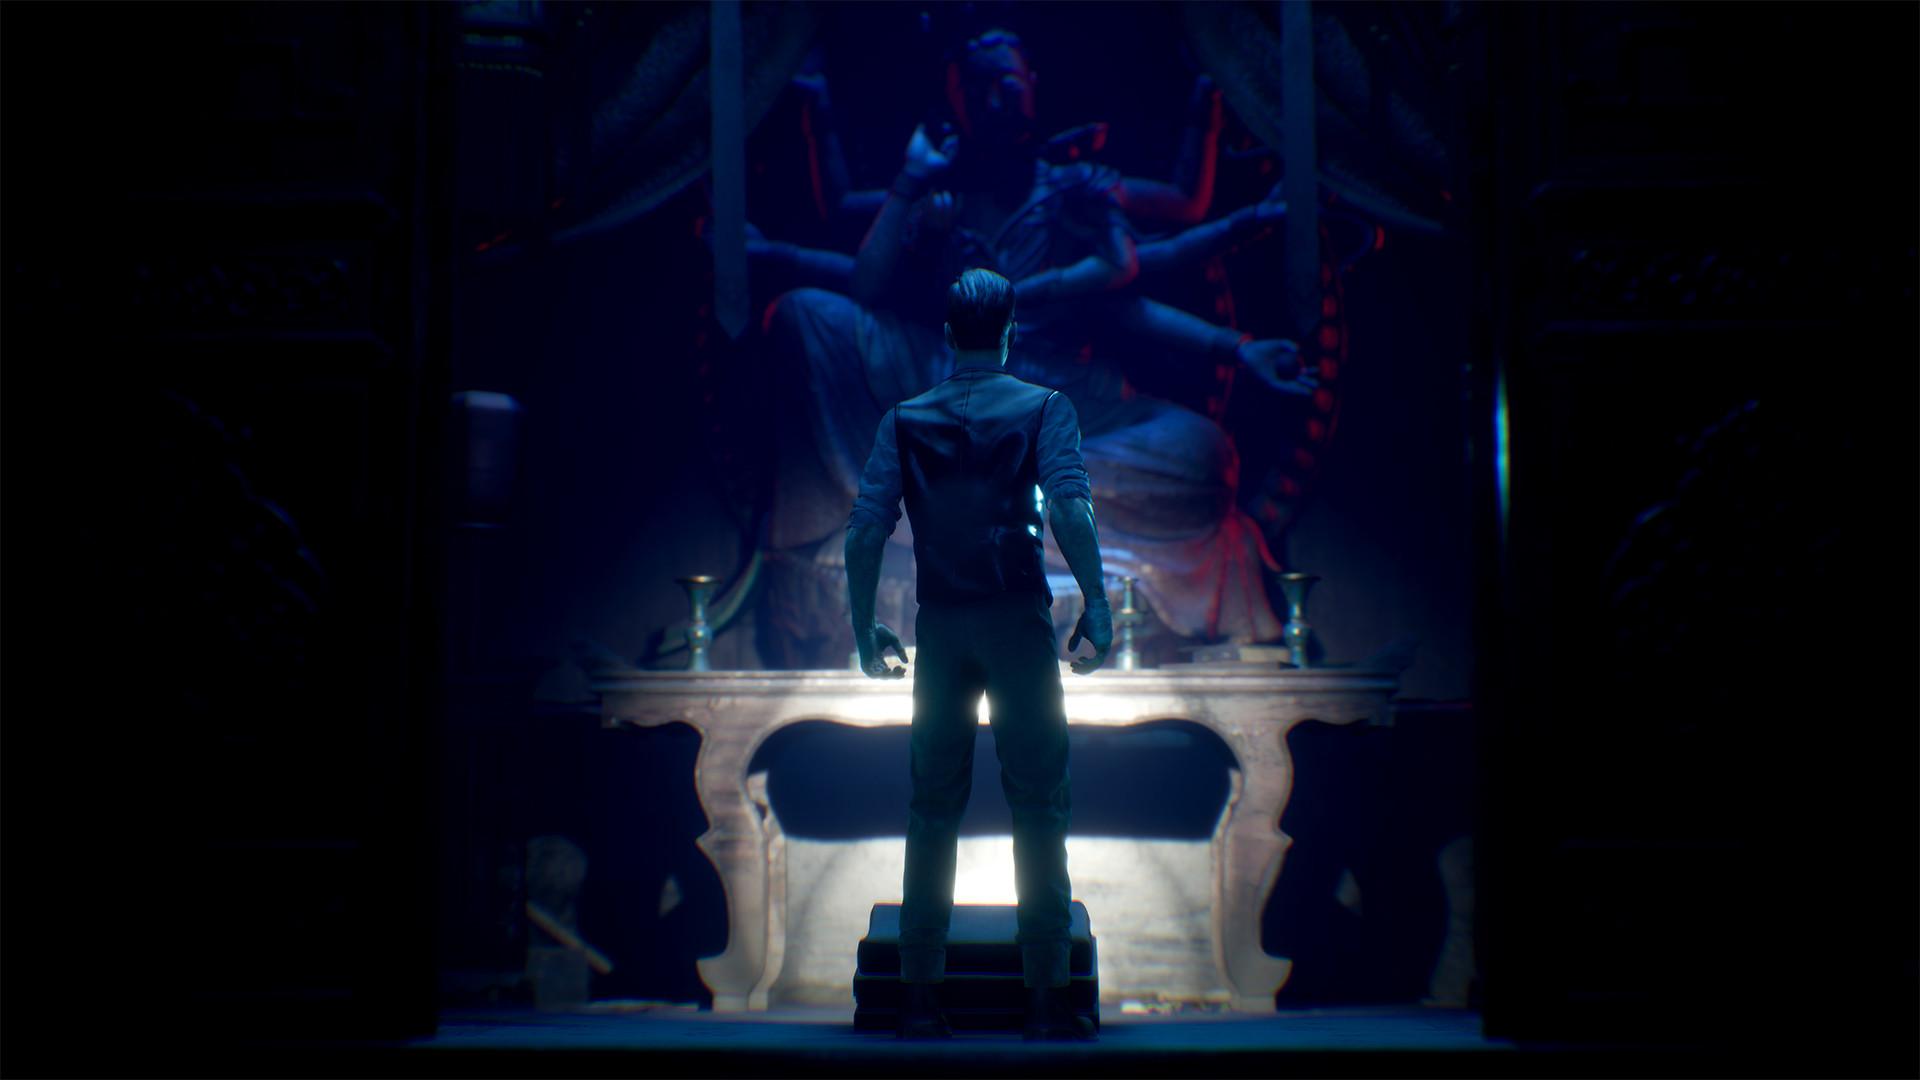 国产恐怖游戏《纸人2》上架Steam 探索阴森古宅